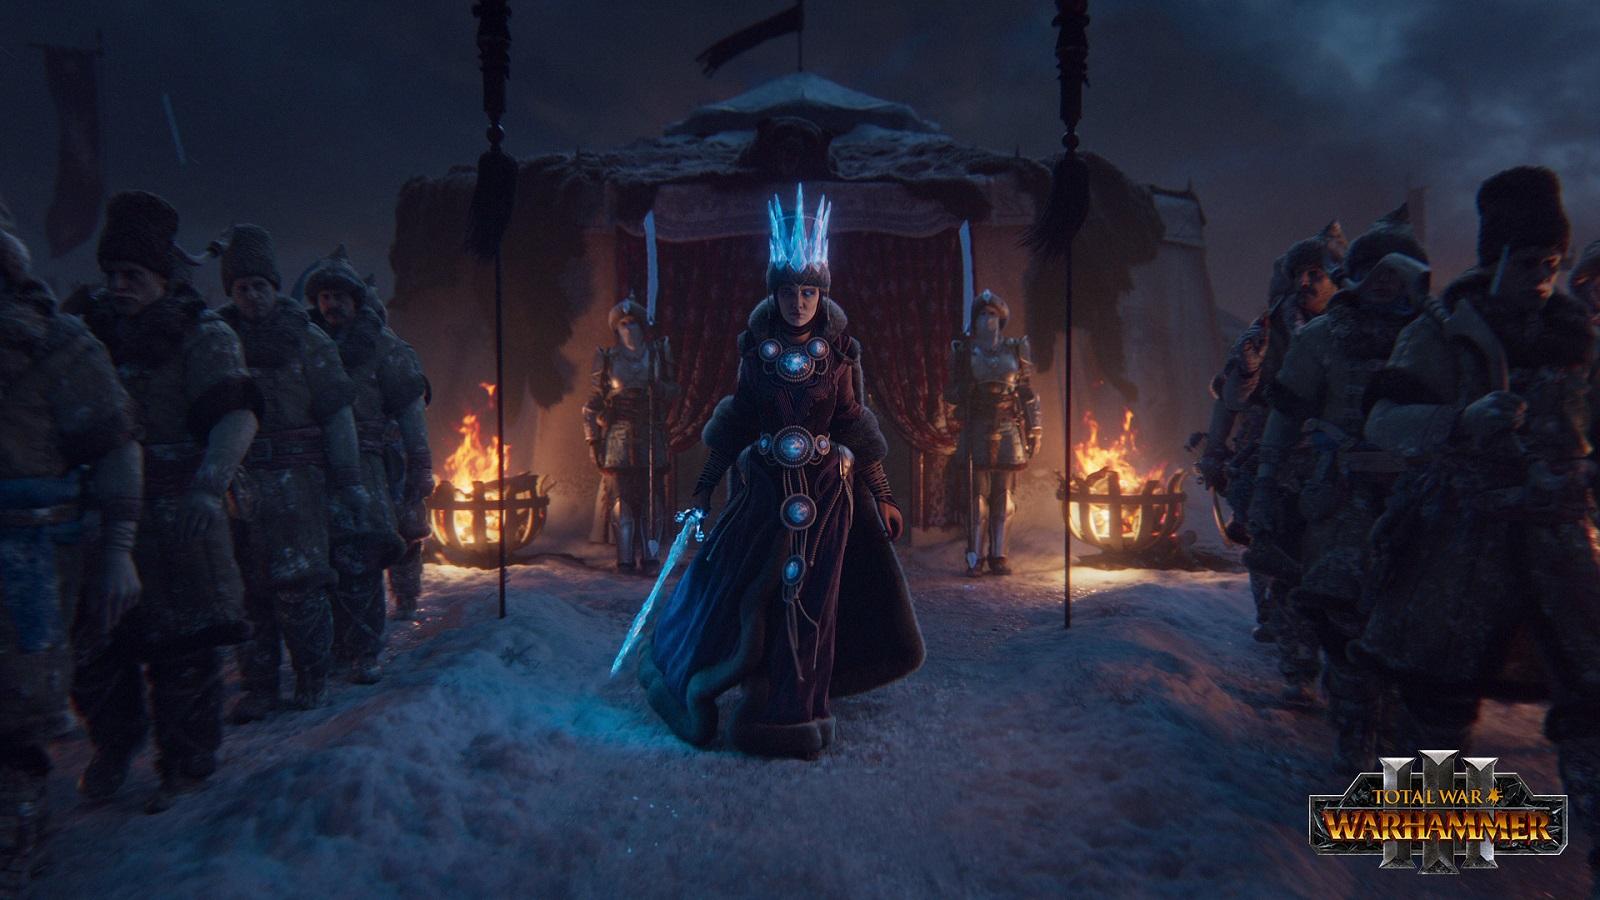 Разработчики Total War: Warhammer III раньше времени опубликовали новый кинематографический трейлер